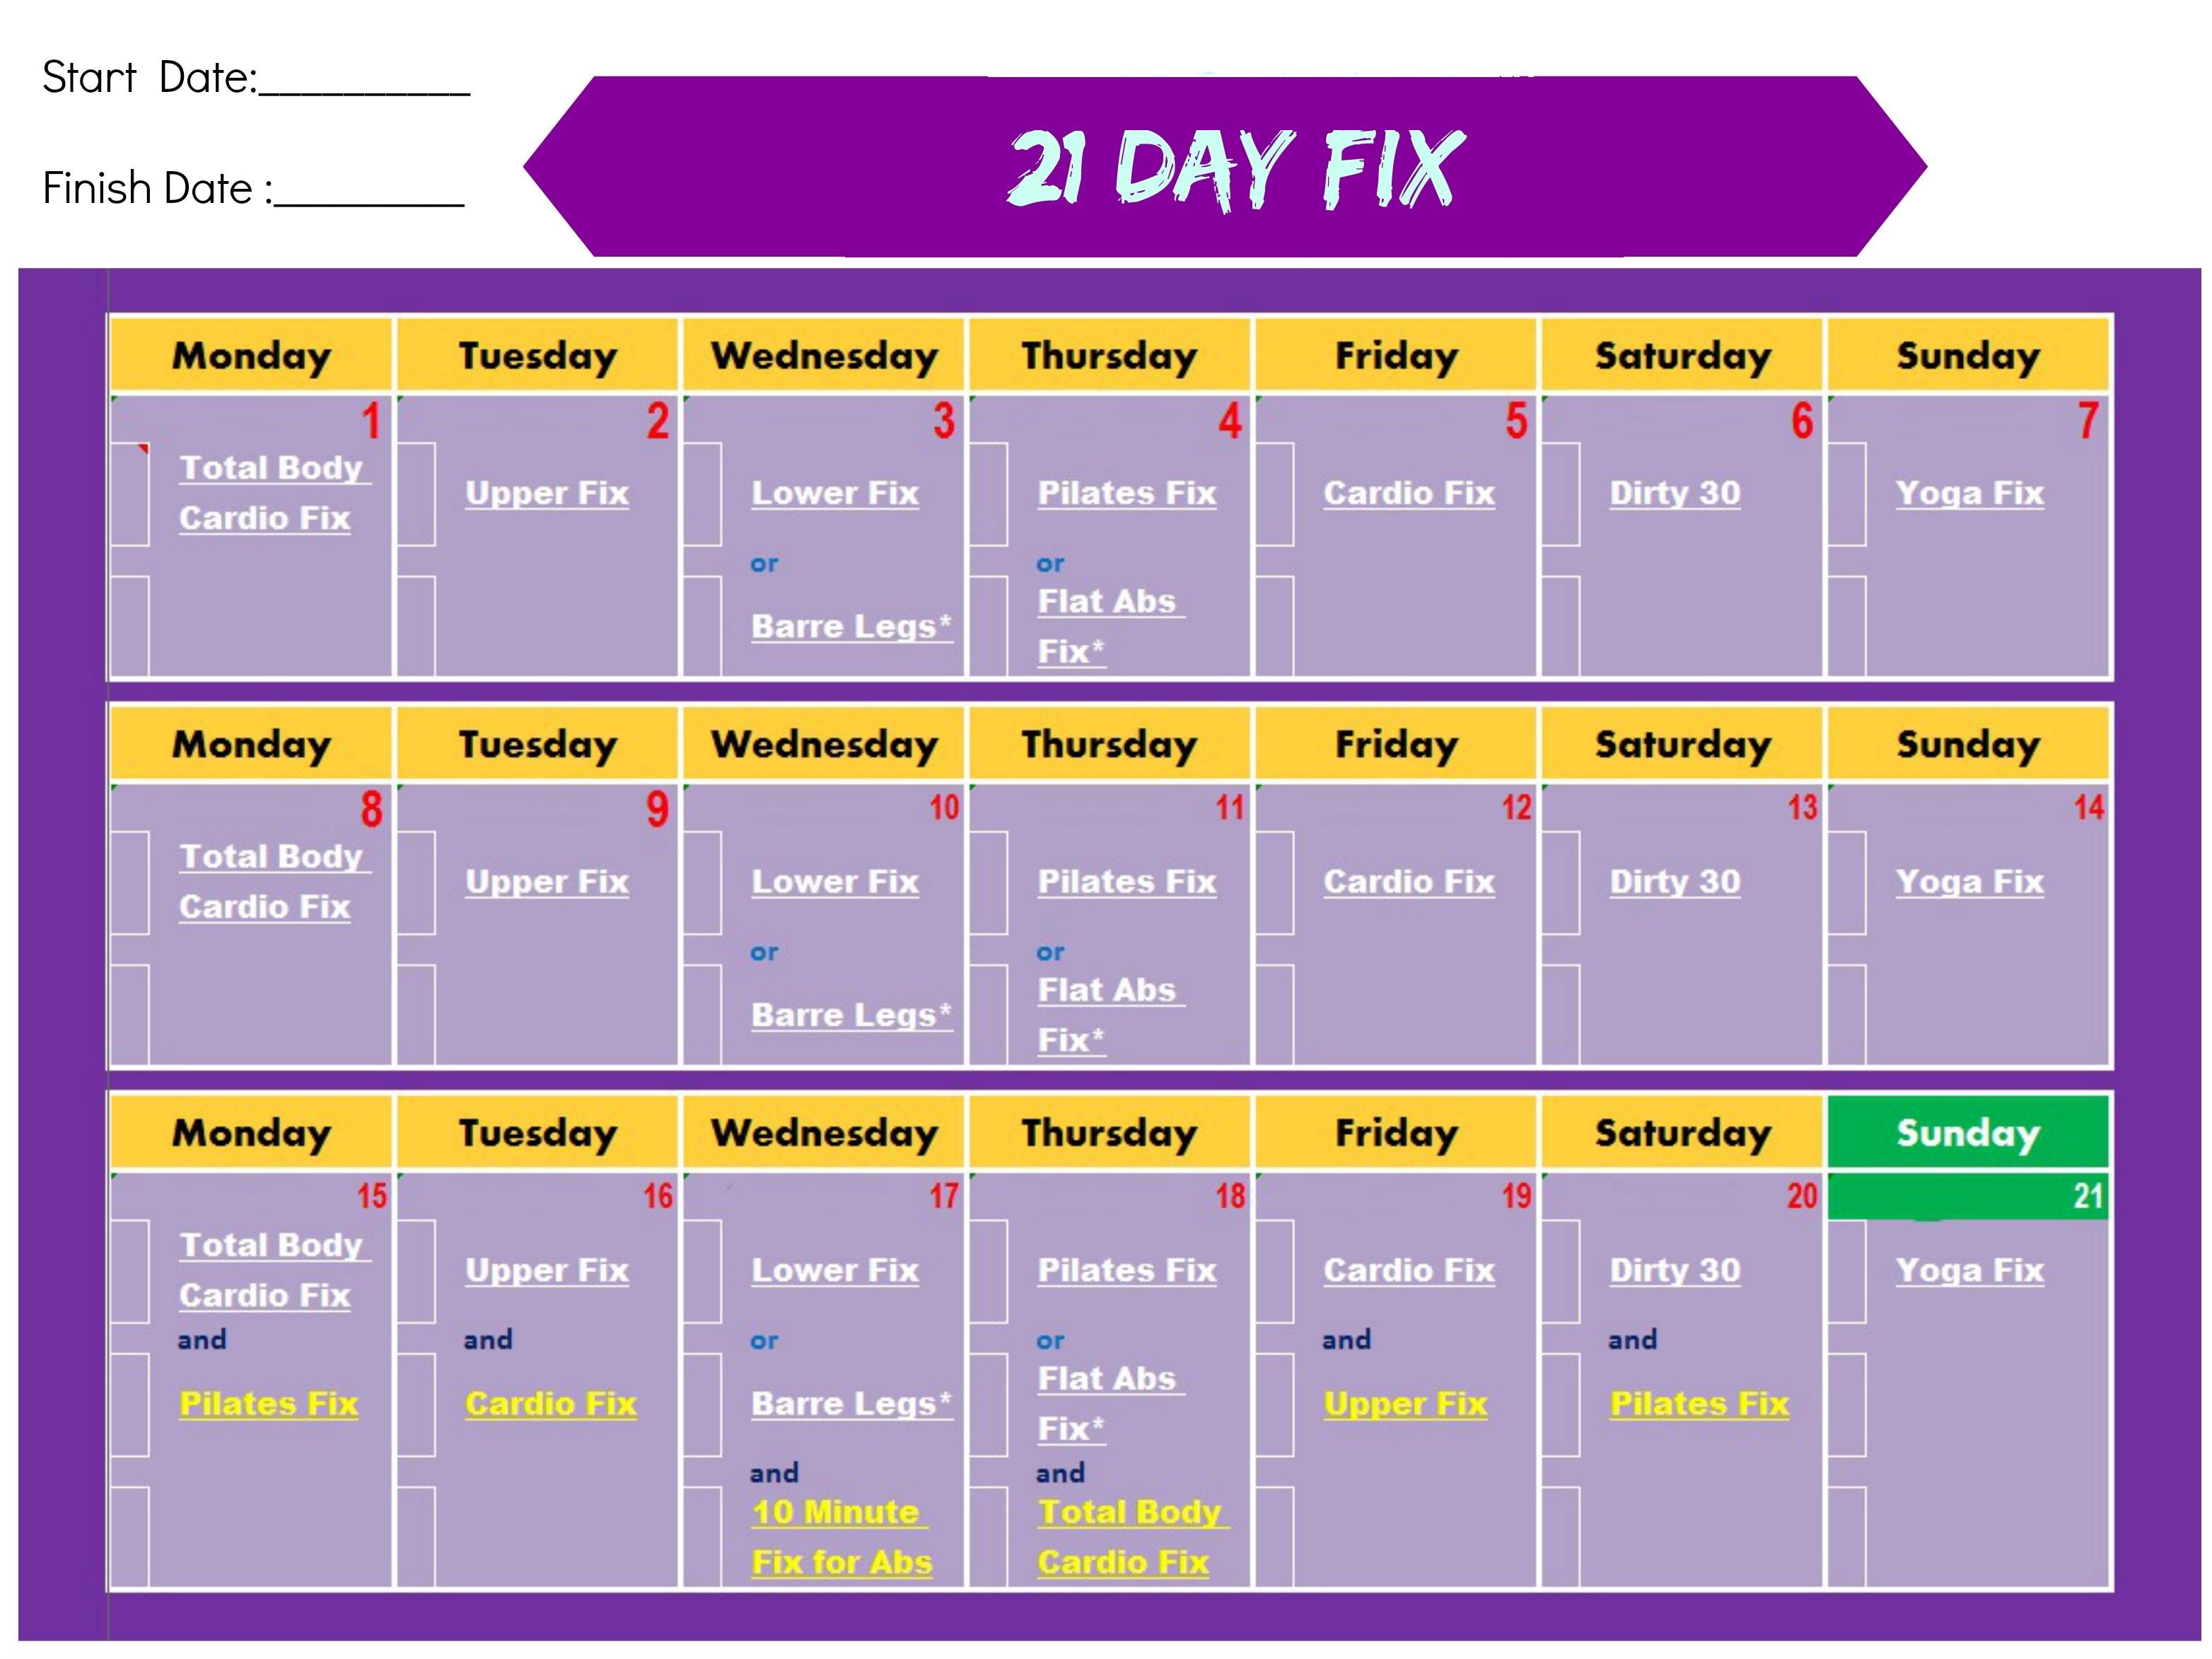 programma di allenamento per perdere peso in 21 giorni